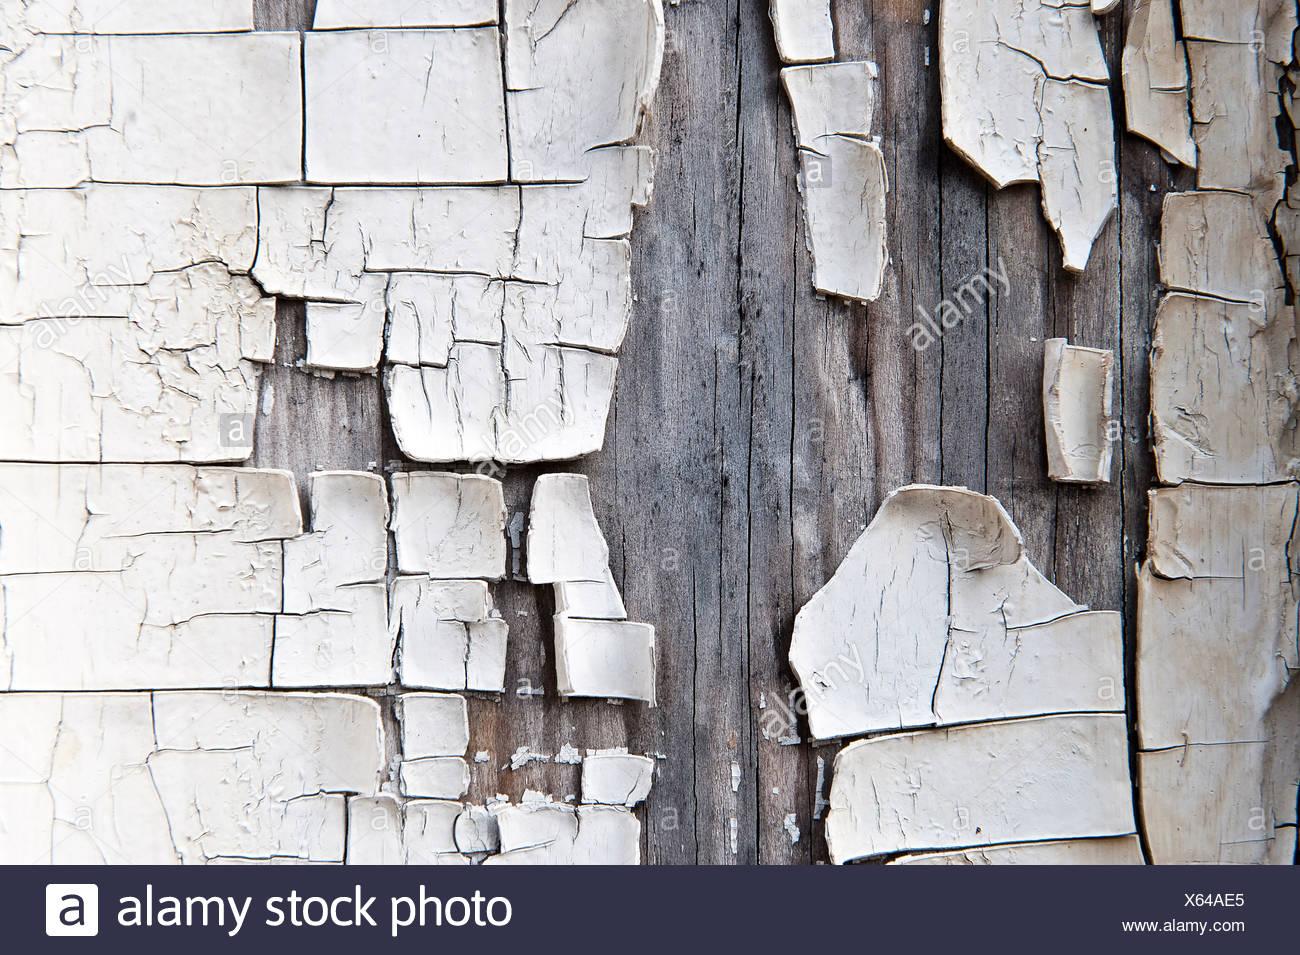 Cracked peeling paint - Stock Image